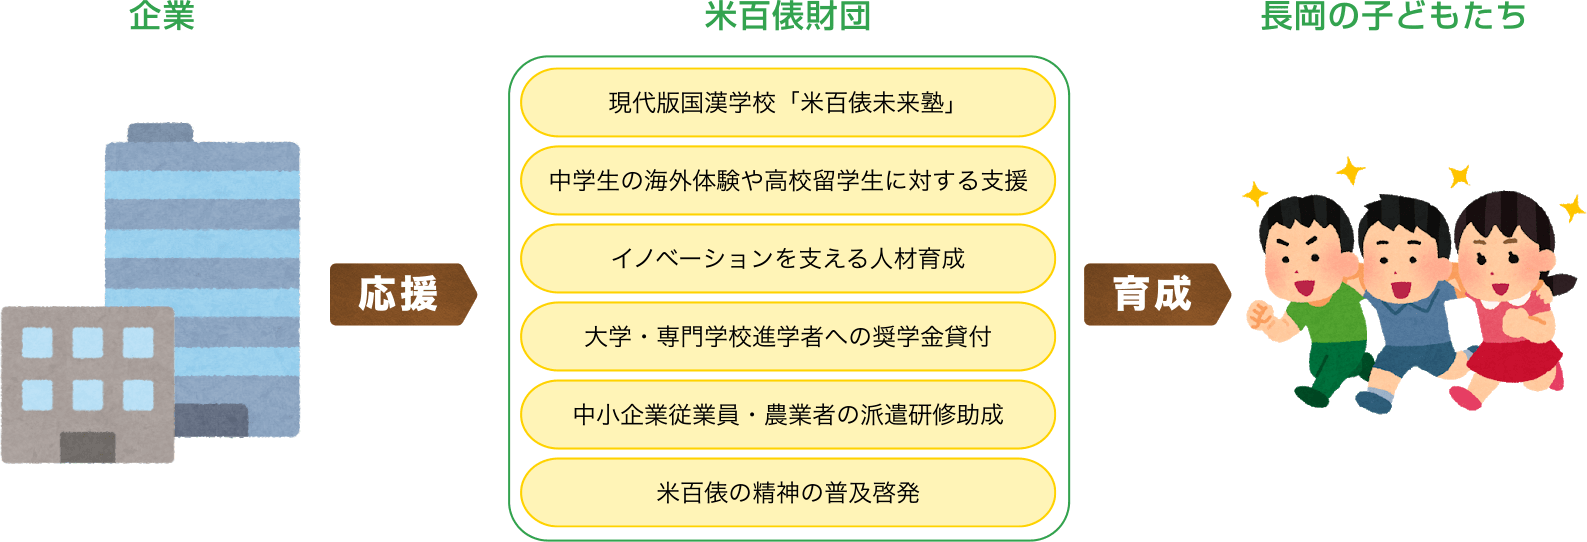 企業と米百俵財団と長岡の子どもたちの関係図